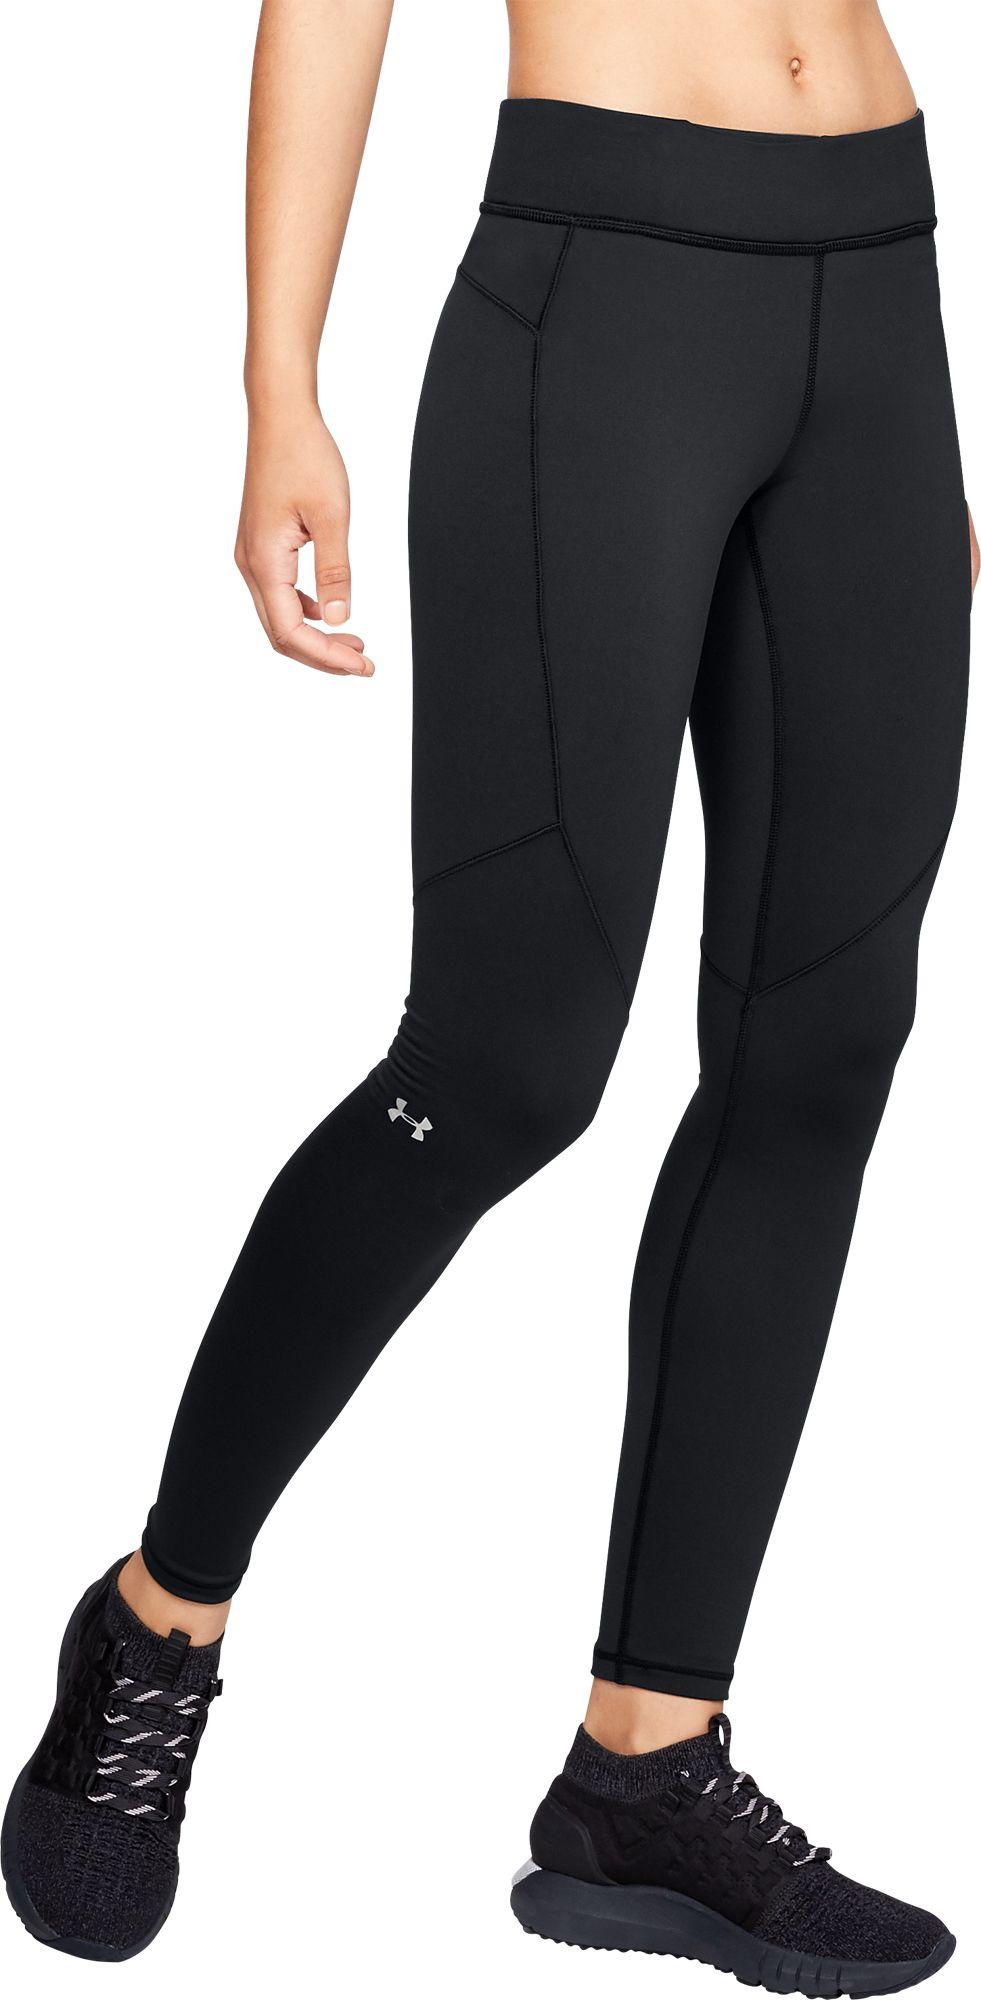 Under Armour Women's ColdGear Armour Leggings, Size: XS, Black thumbnail